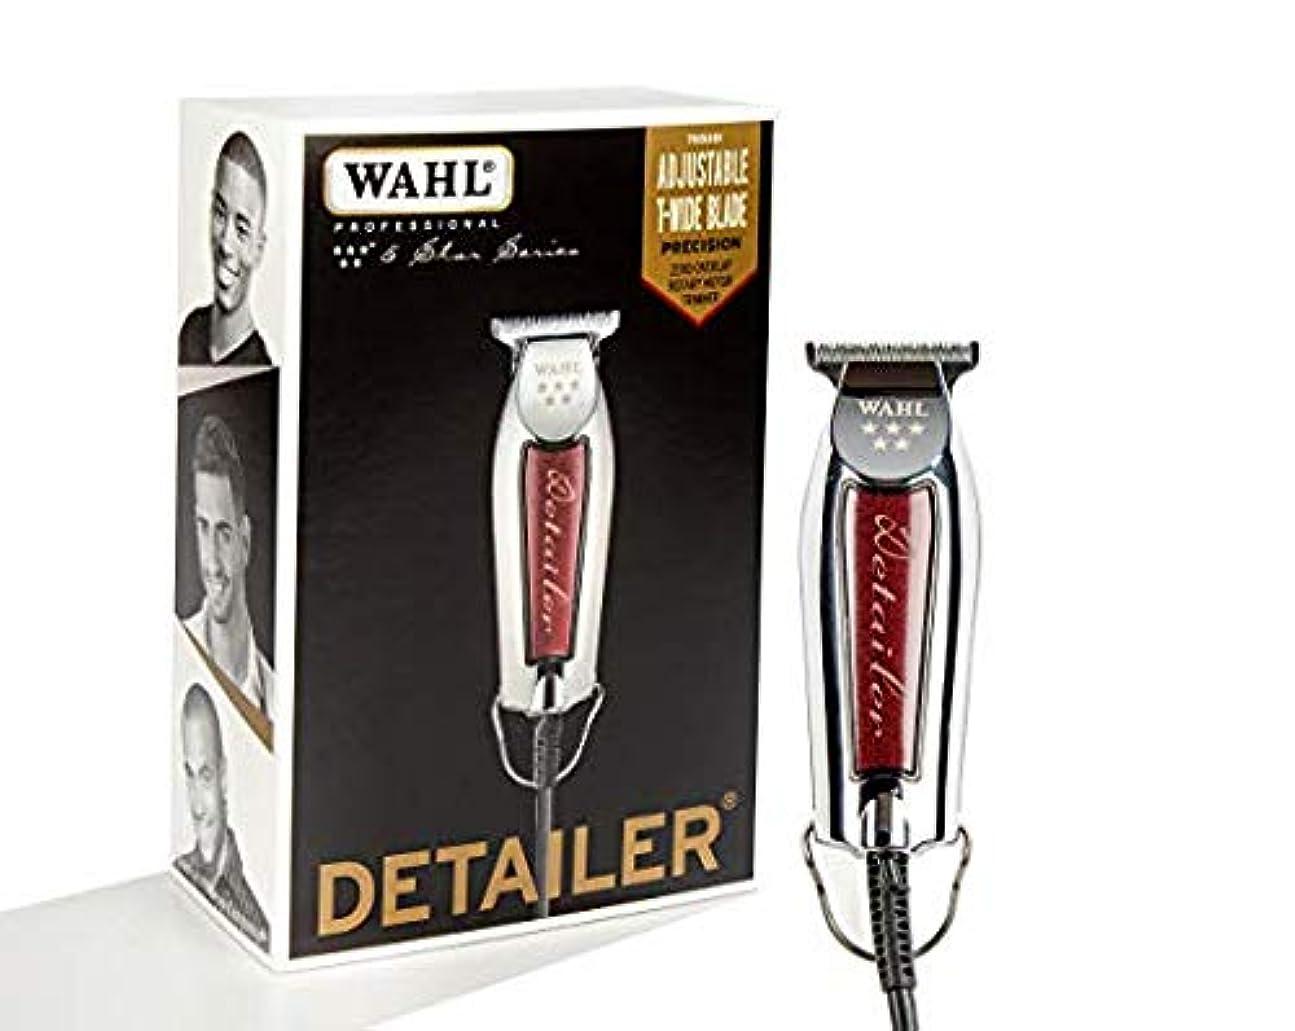 パワーセルミリメートル危険な[Wahl ] [Professional Series Detailer #8081 - With Adjustable T-Blade, 3 Trimming Guides (1/16 inch - 1/4 inch...